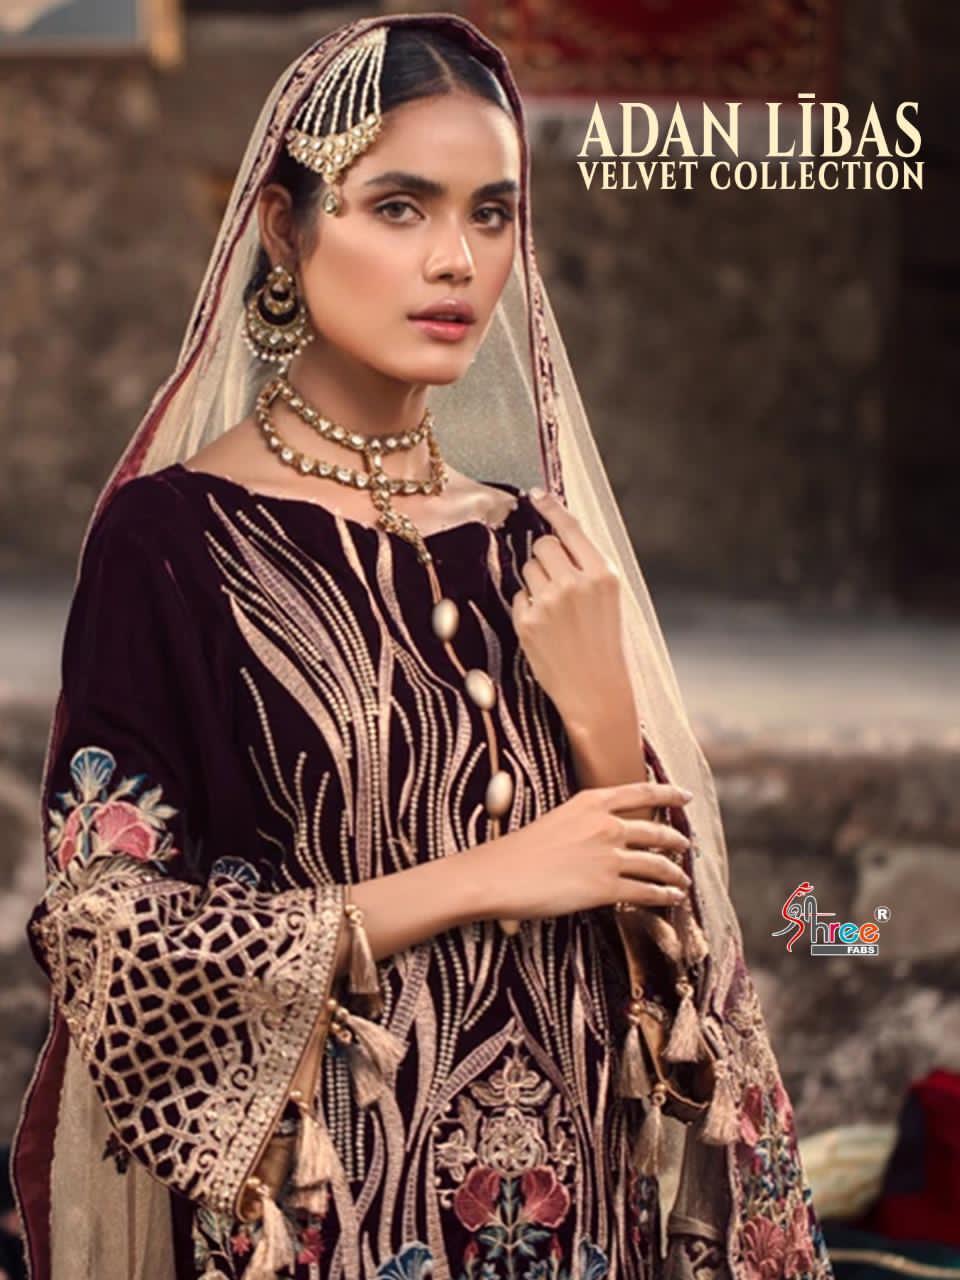 Shree Fabs Adan Libas Velvet Collection Salwar Suit Wholesale Catalog 6 Pcs 2 - Shree Fabs Adan Libas Velvet Collection Salwar Suit Wholesale Catalog 6 Pcs